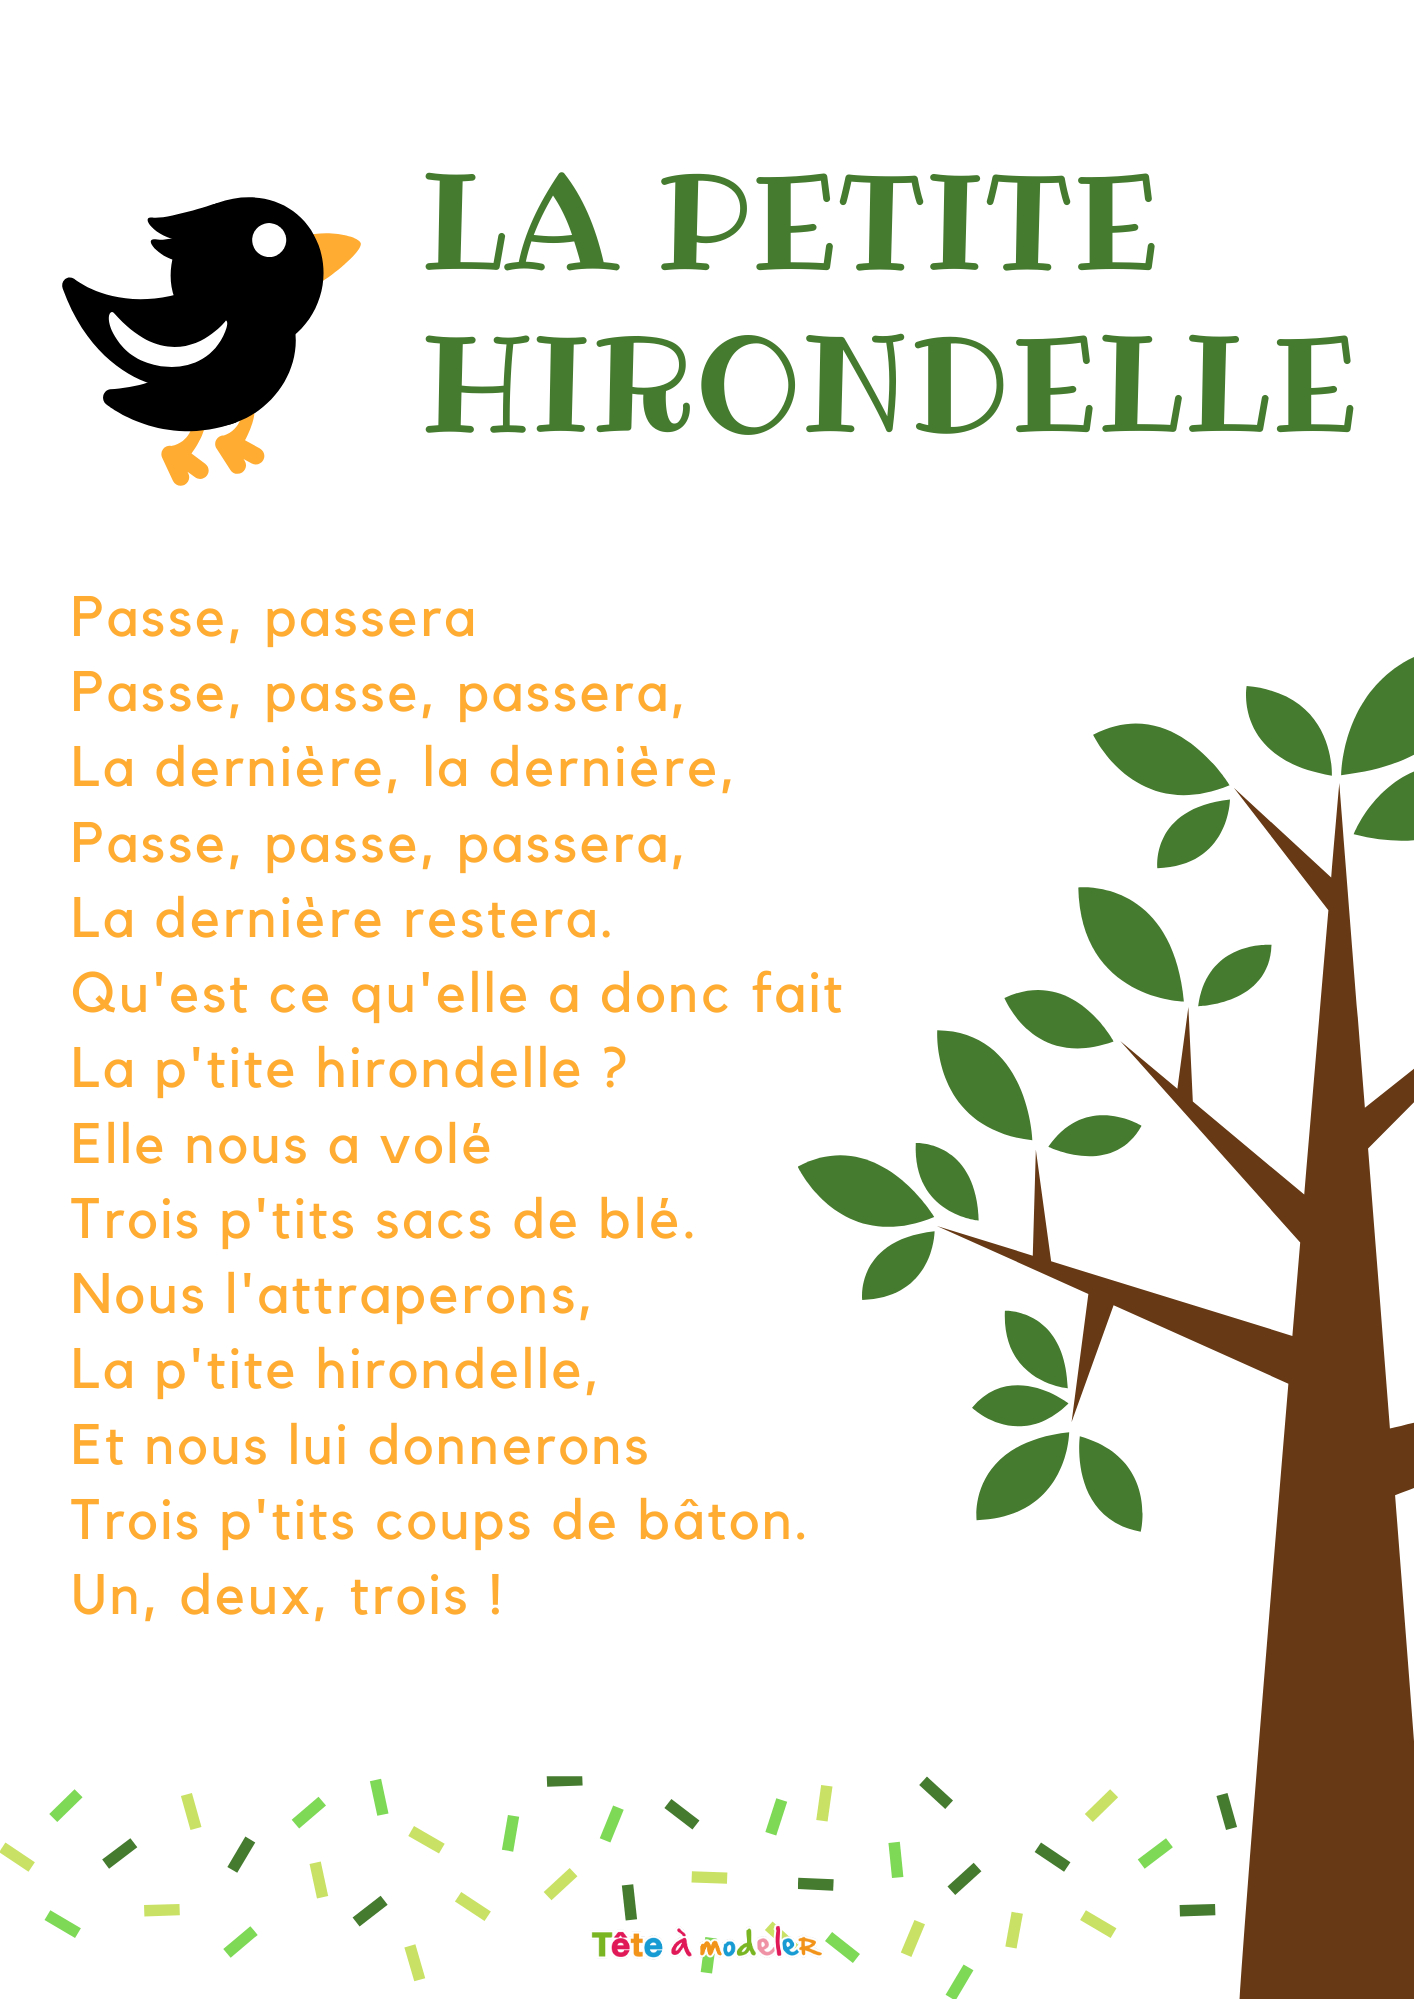 Imprimer La Chanson La Petite Hirondelle - Chanson Enfant dedans Petit Moulin Chanson